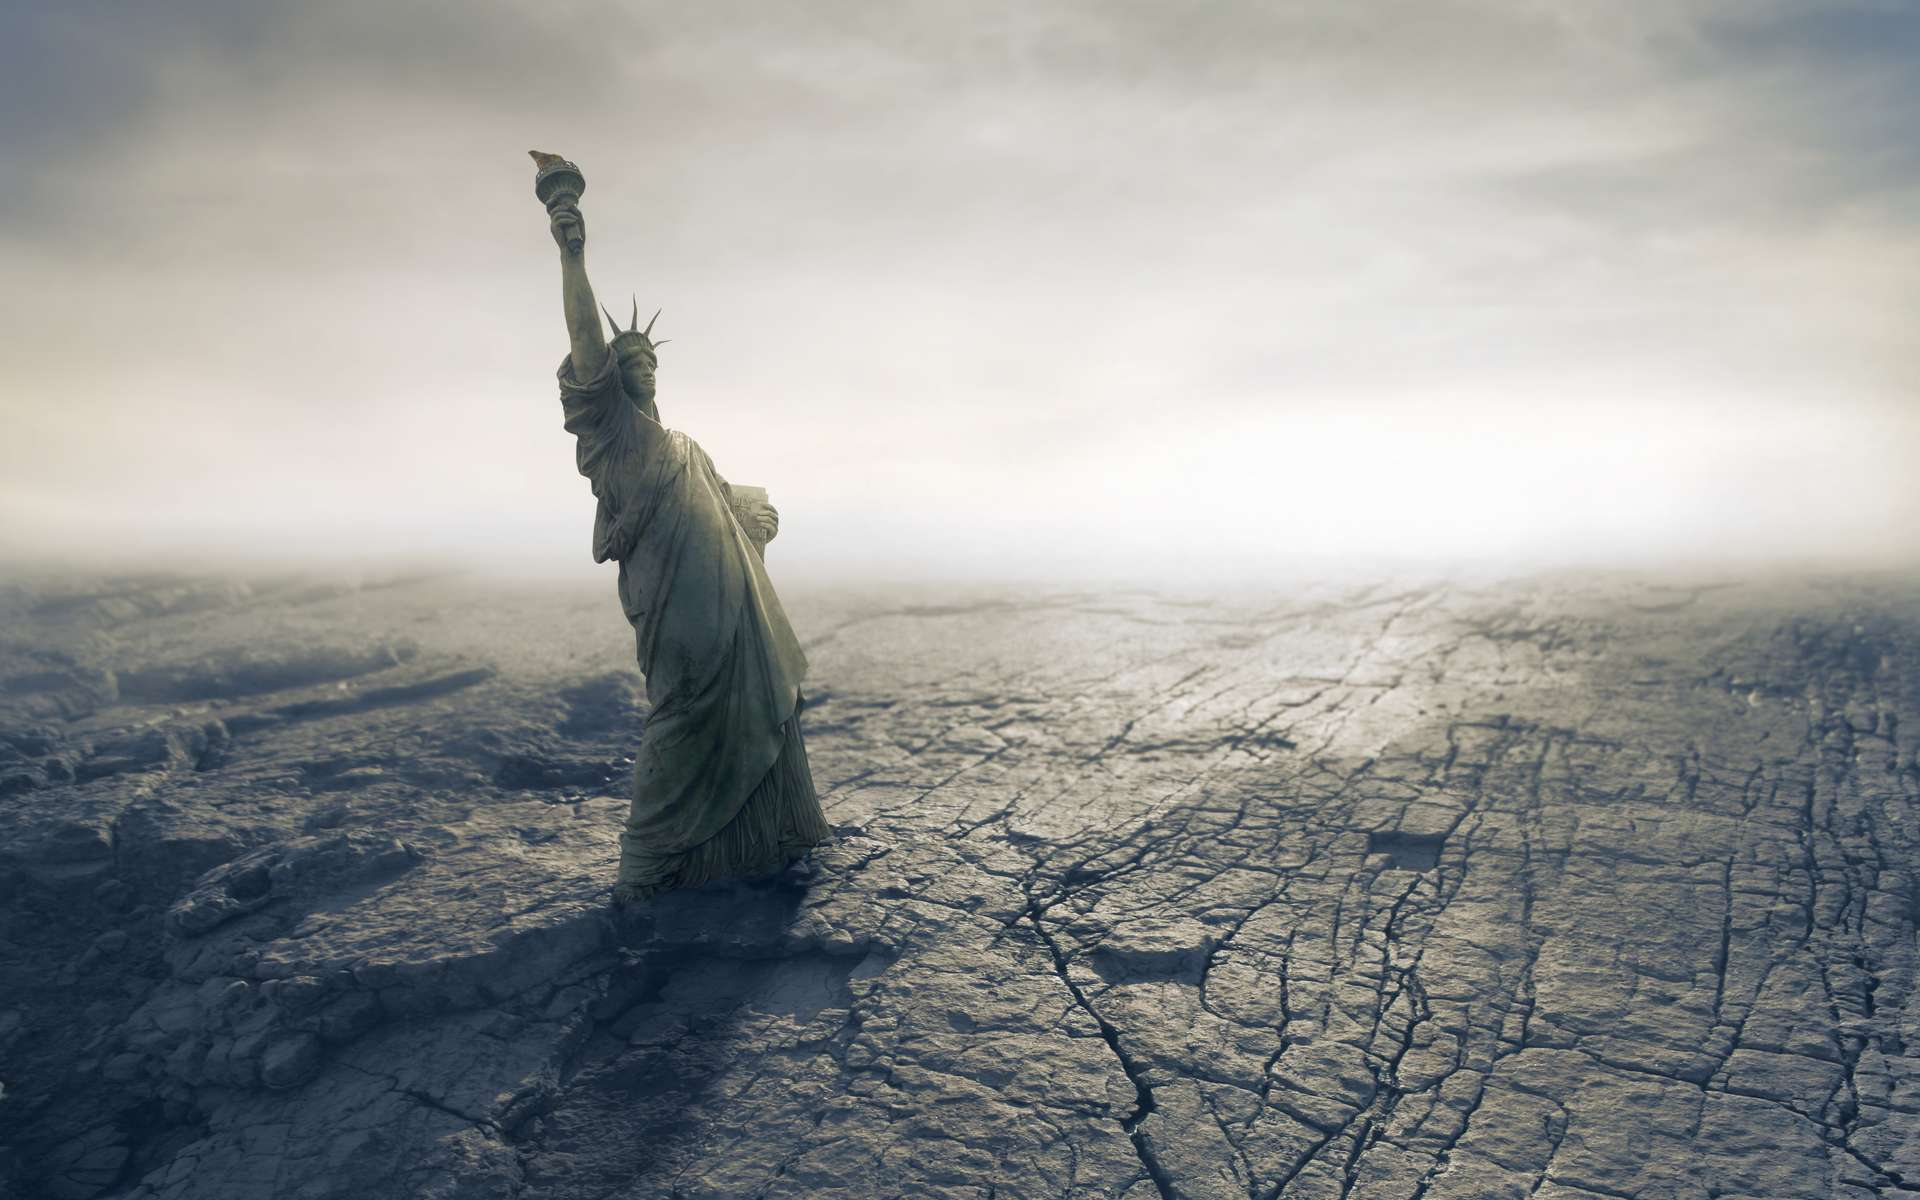 L'effondrement de la biodiversité pourrait mettre l'humanité dans une situation de pénurie alimentaire. © Olly, Adobe Stock